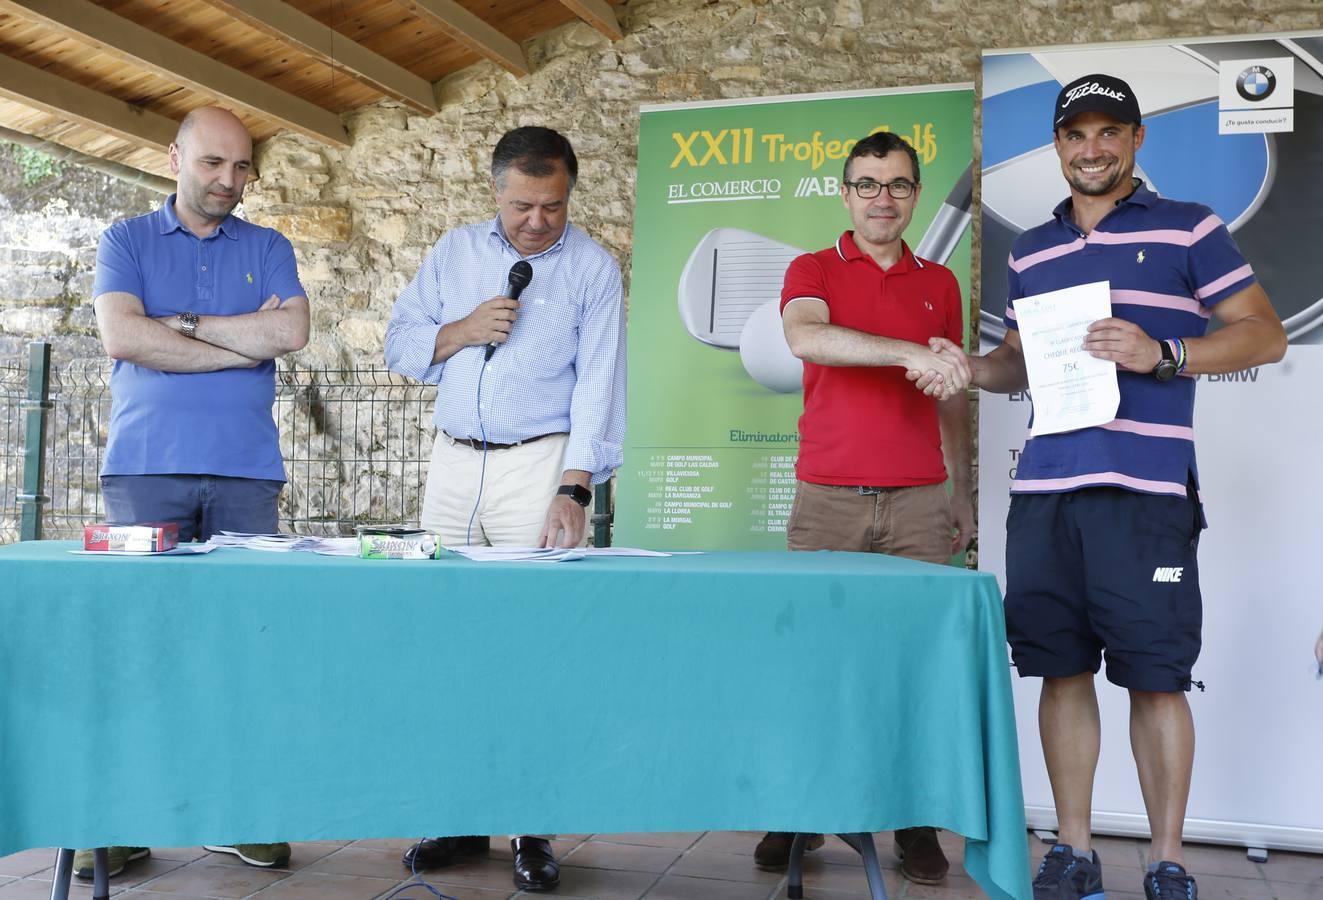 Trofeo de Golf El Comercio //Abanca: El Tragamon